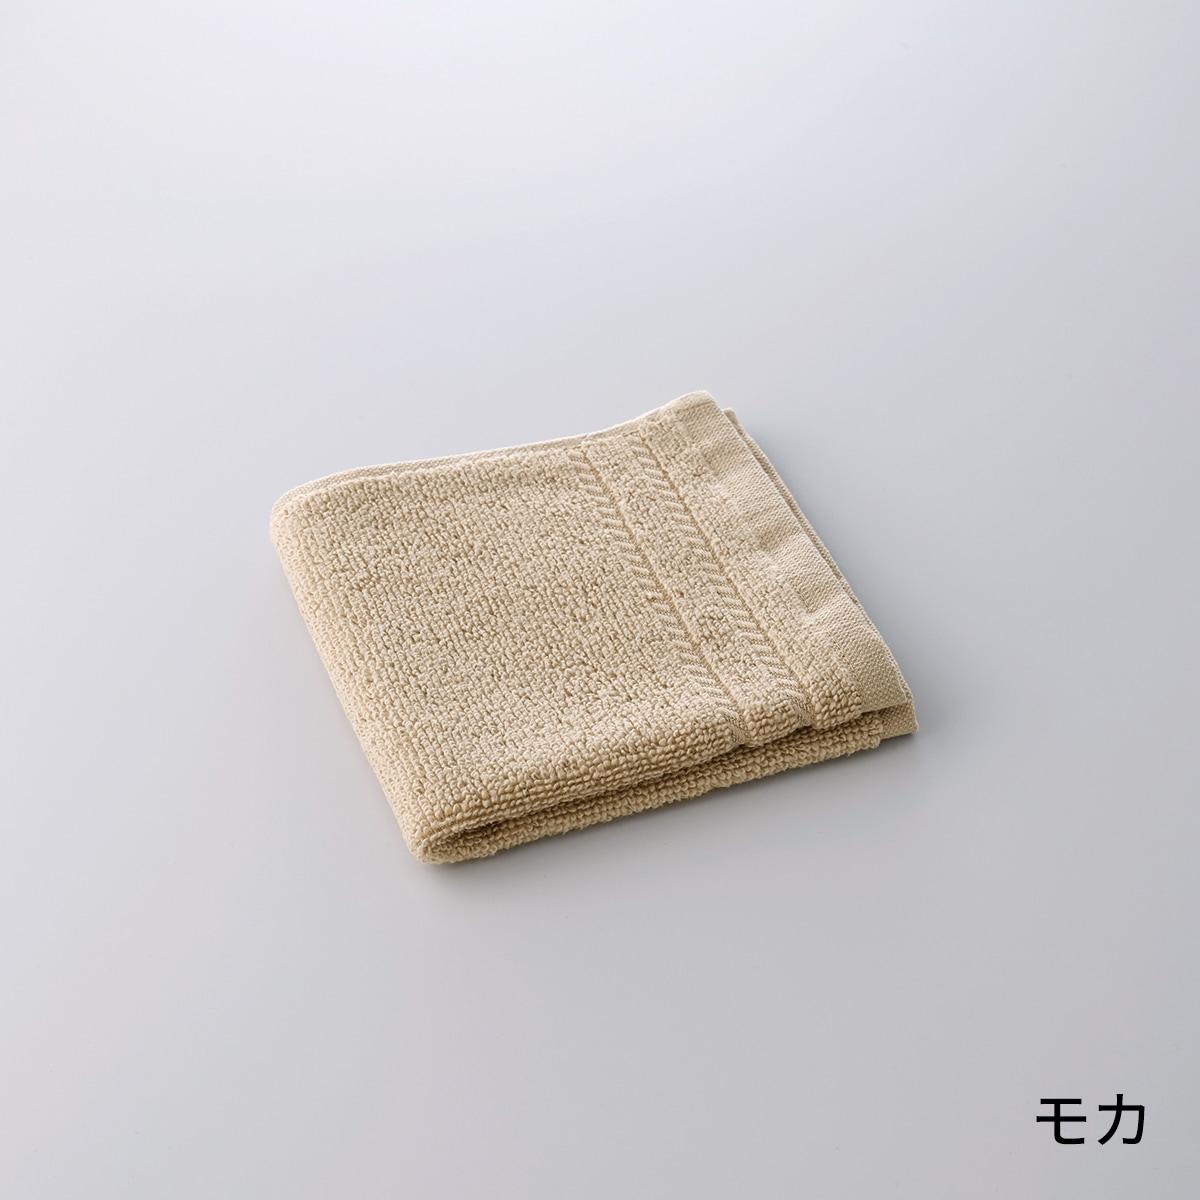 【マイクロコットン】レギュラー ハンドタオル(33×33cm) | #MicroCotton #ハンカチ #タオル #ウォッシュタオル #日用品 #コットン100%